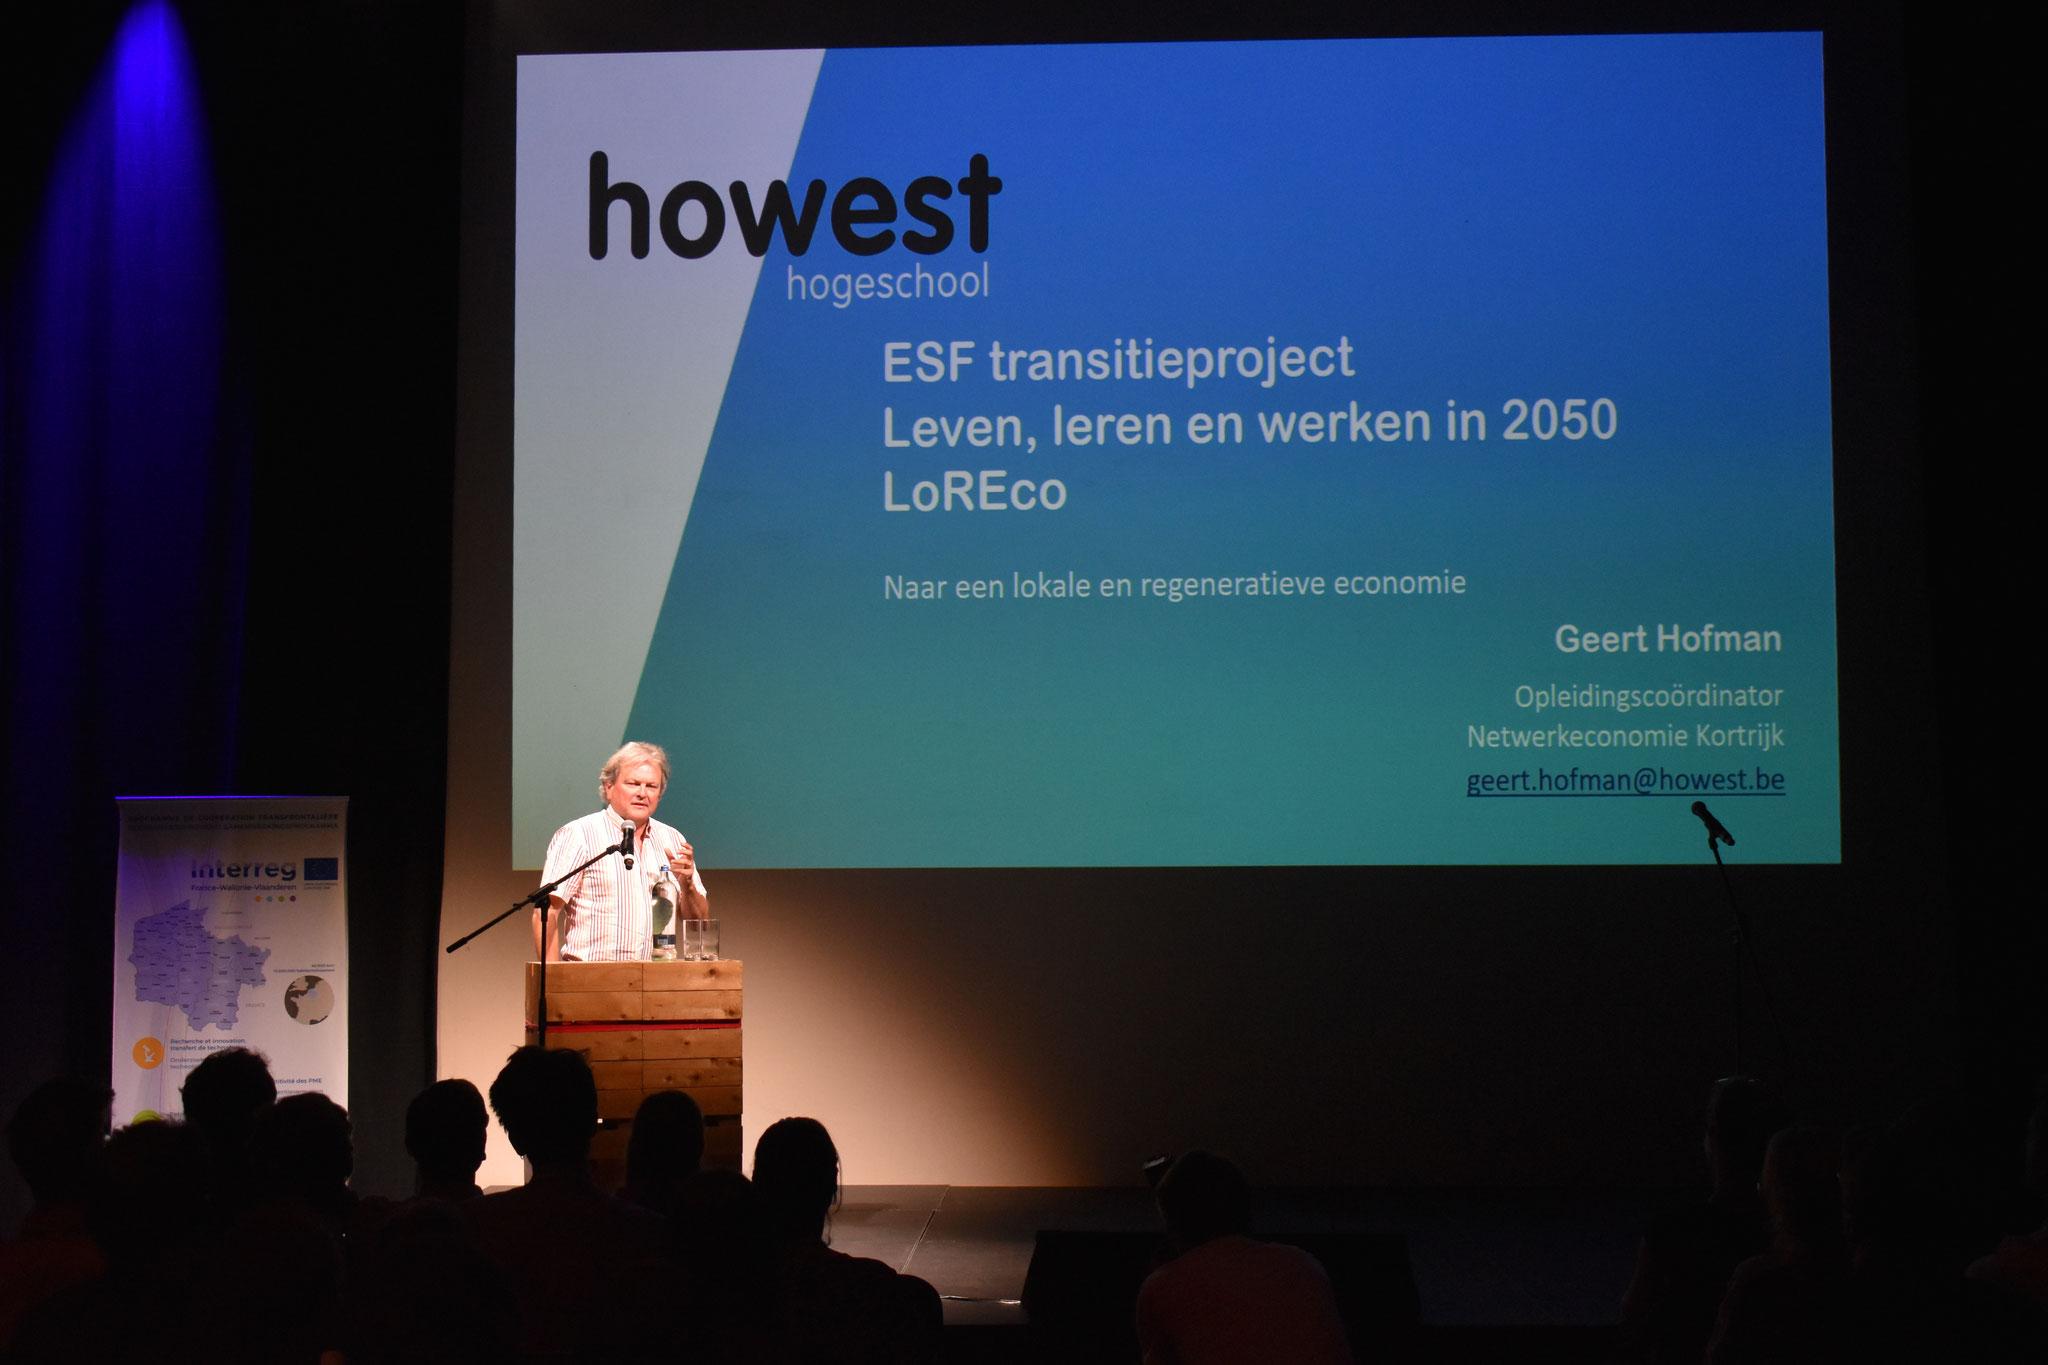 Howest, project LorEco - Een lokale, aanvullende, regeneratieve economie met behulp van een complementaire munt